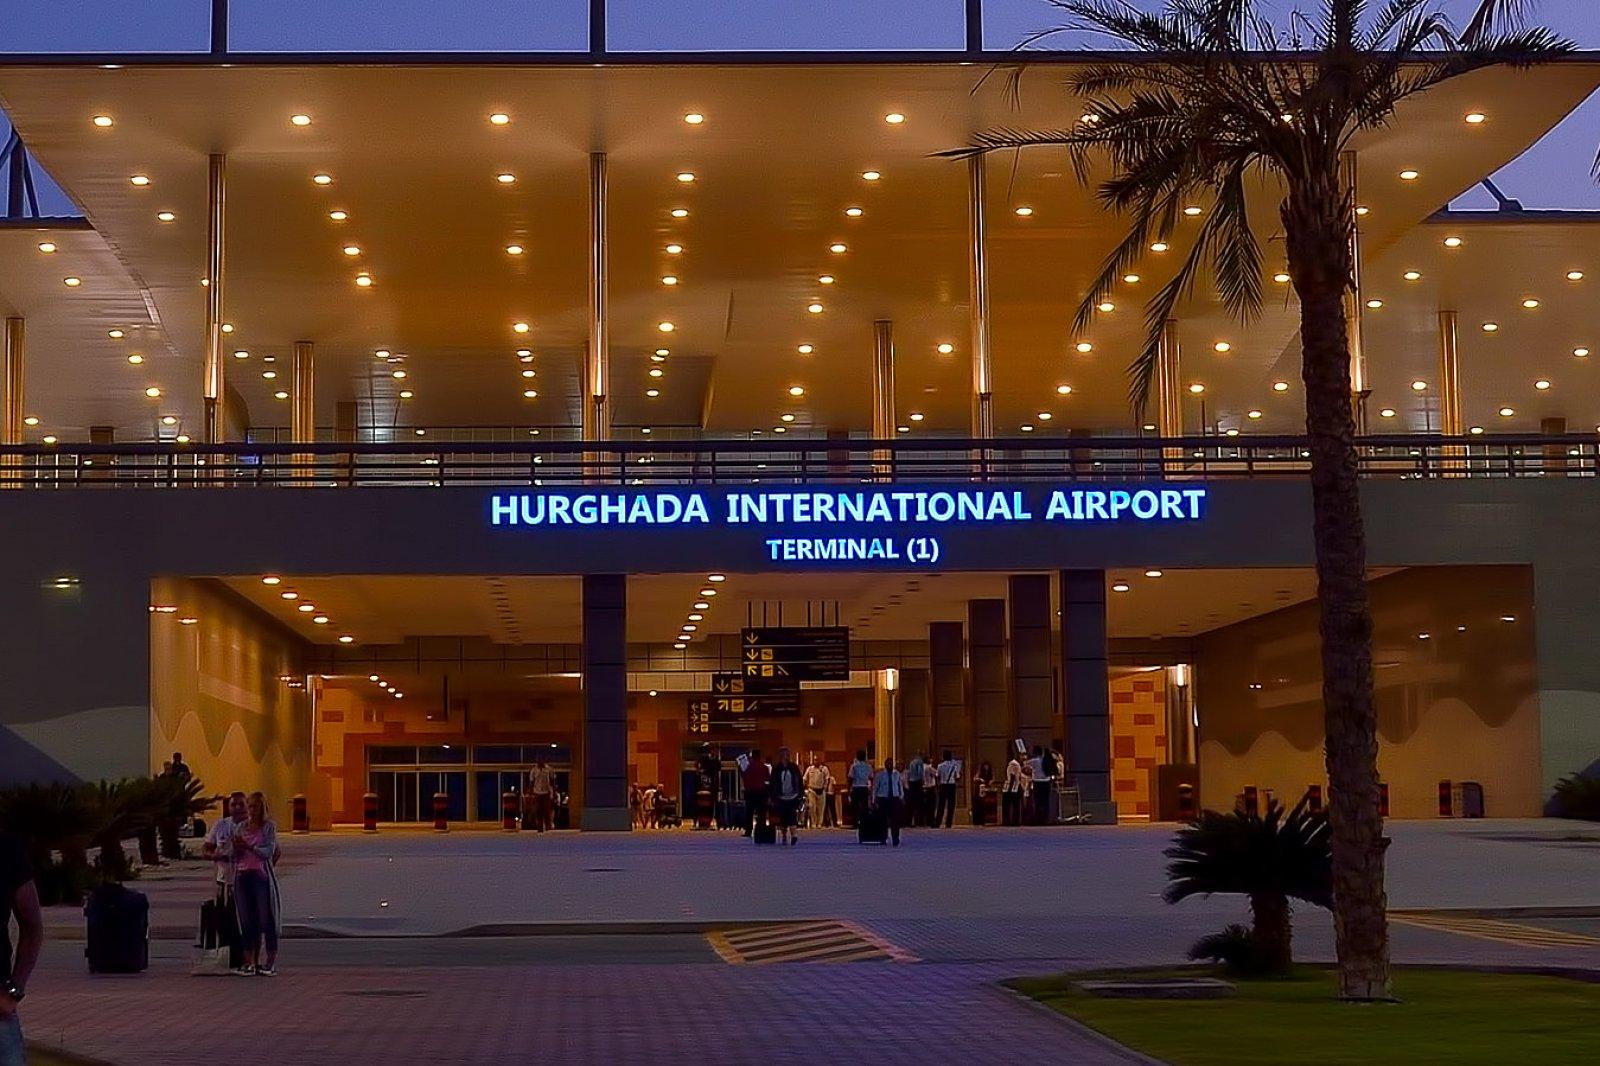 Hurghada Uluslararası Havalimanı, Mısır